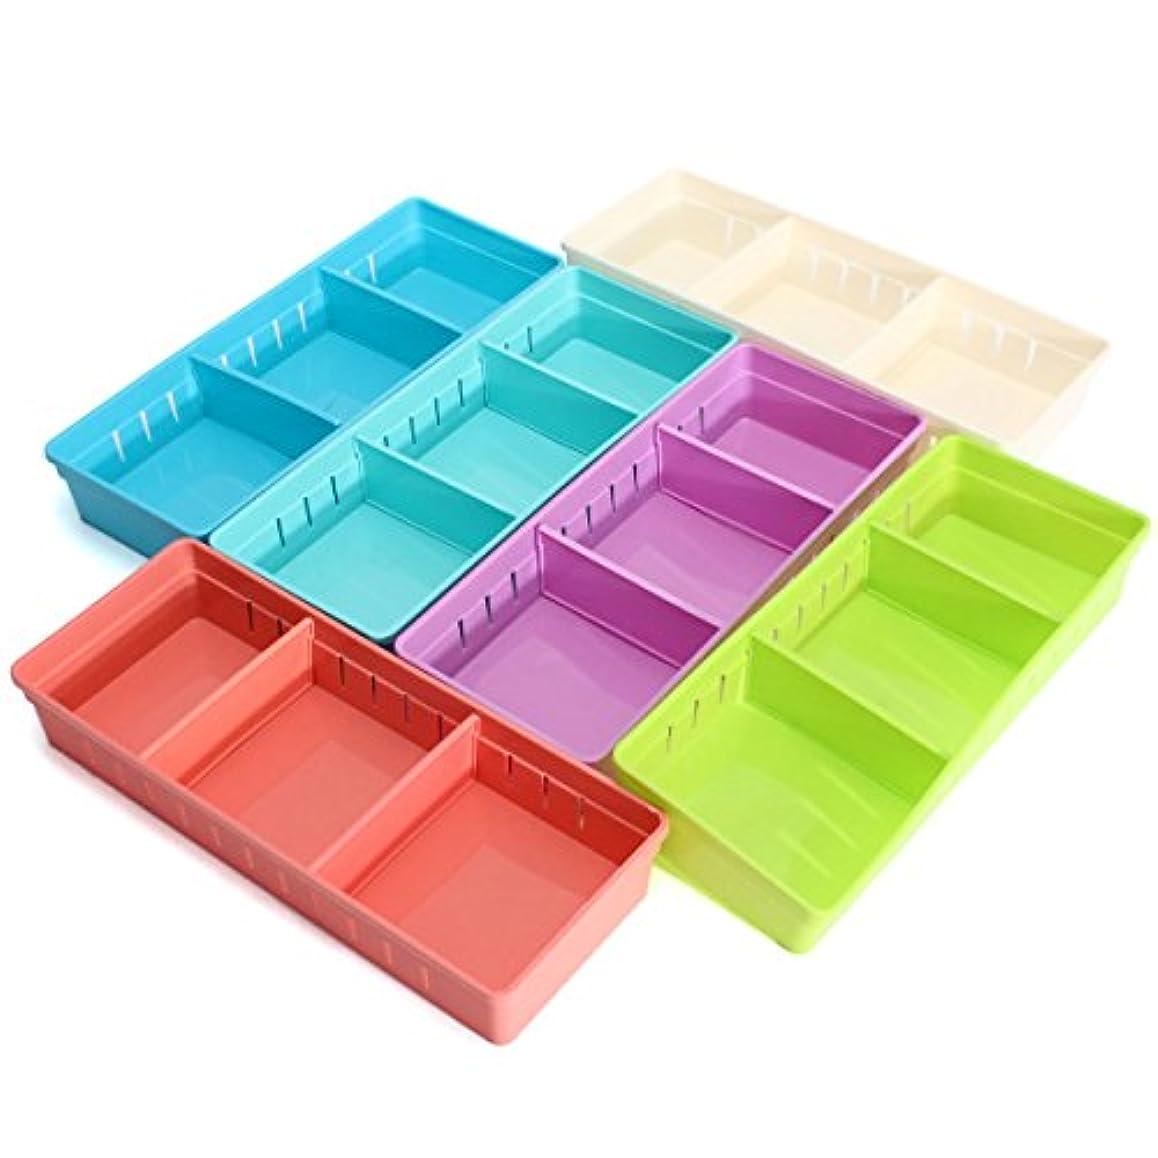 学者記念日癒すYZUEYT 調整可能なメイクアップ収納ボックス引き出しホームキッチンオフィスSupplie鉛筆ジュエリーオーガナイザー YZUEYT (Color : Color Yellow)